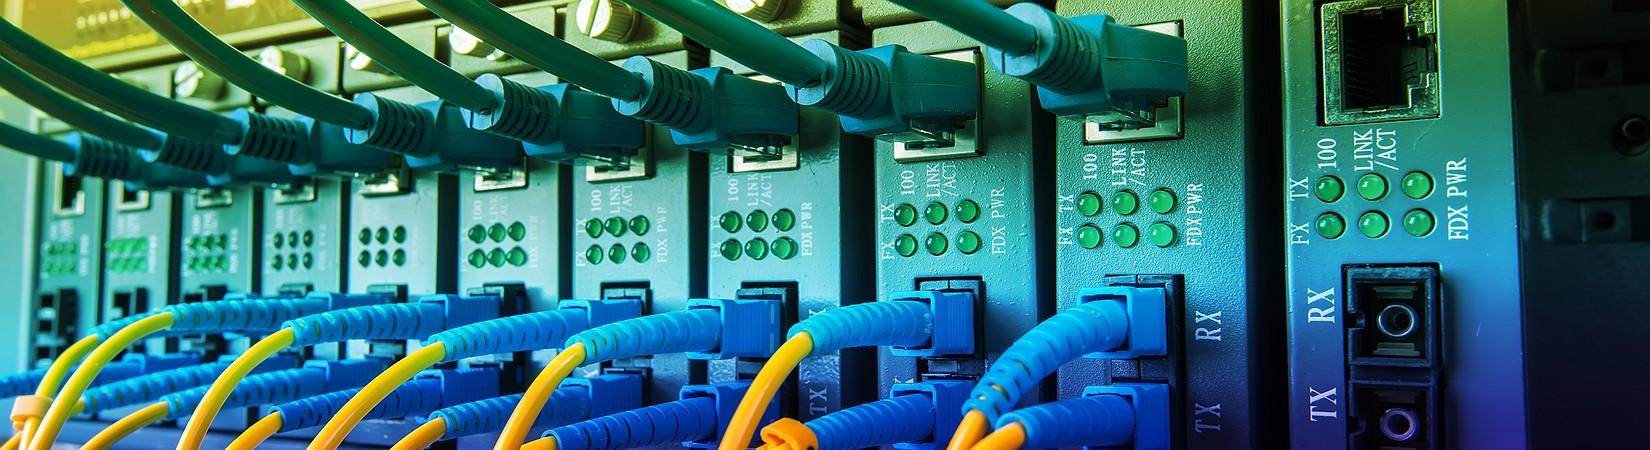 4 acciones del sector de la tecnología que debería tener en cuenta